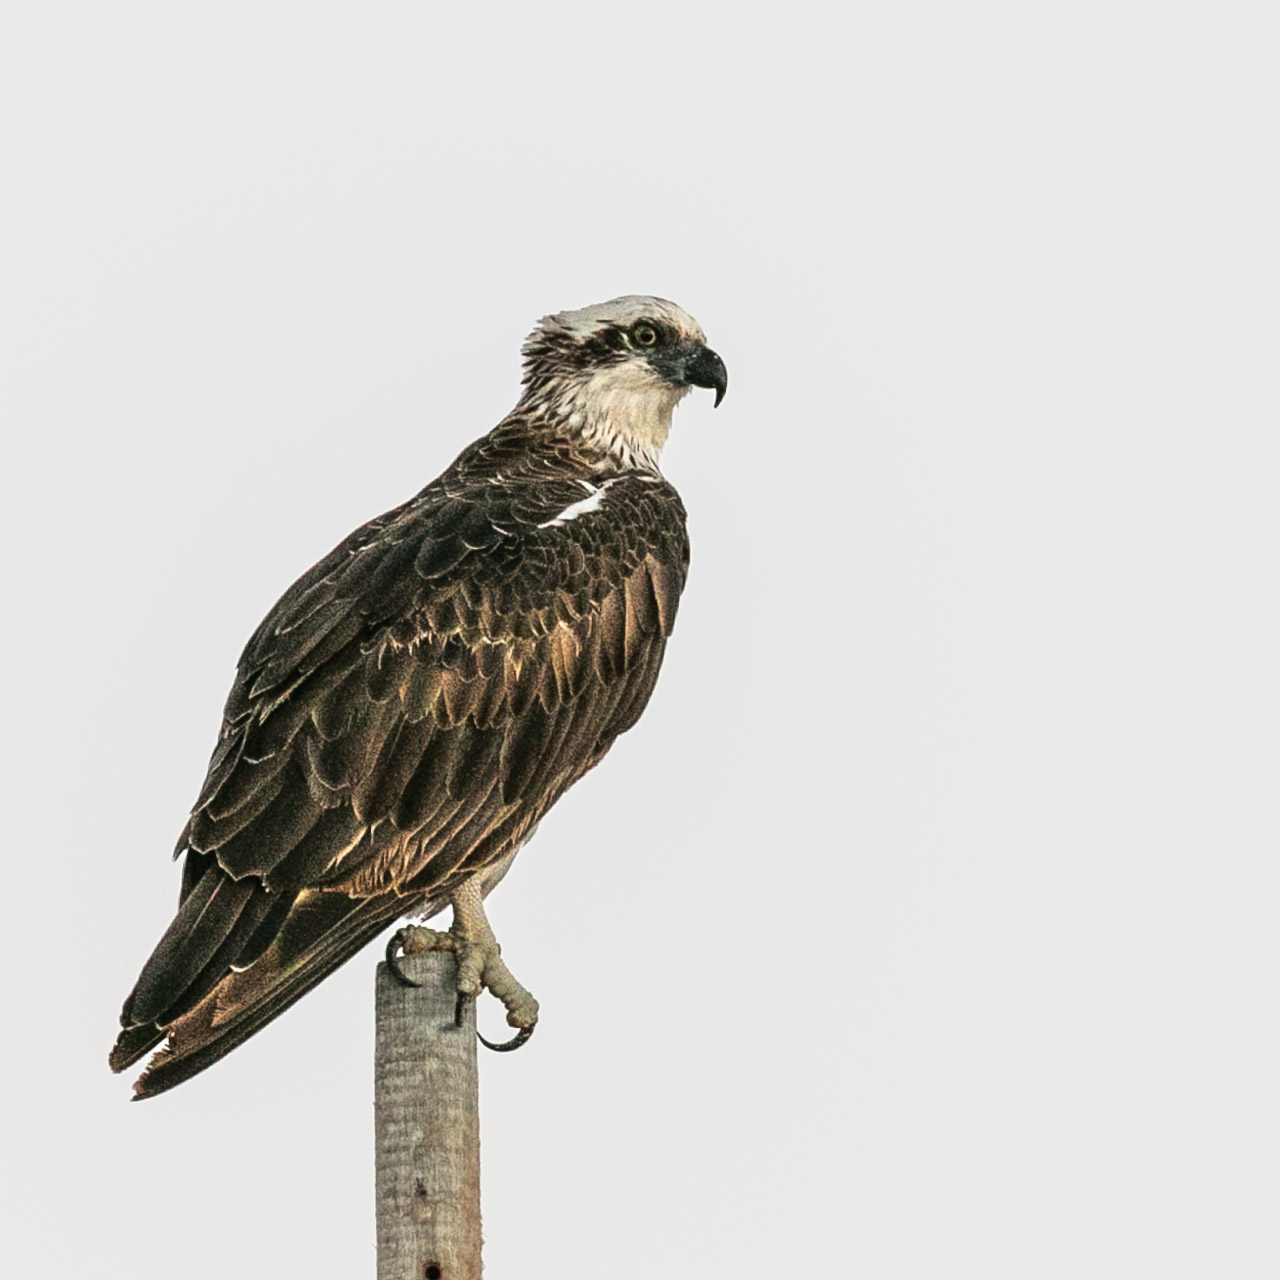 Osprey on a pole